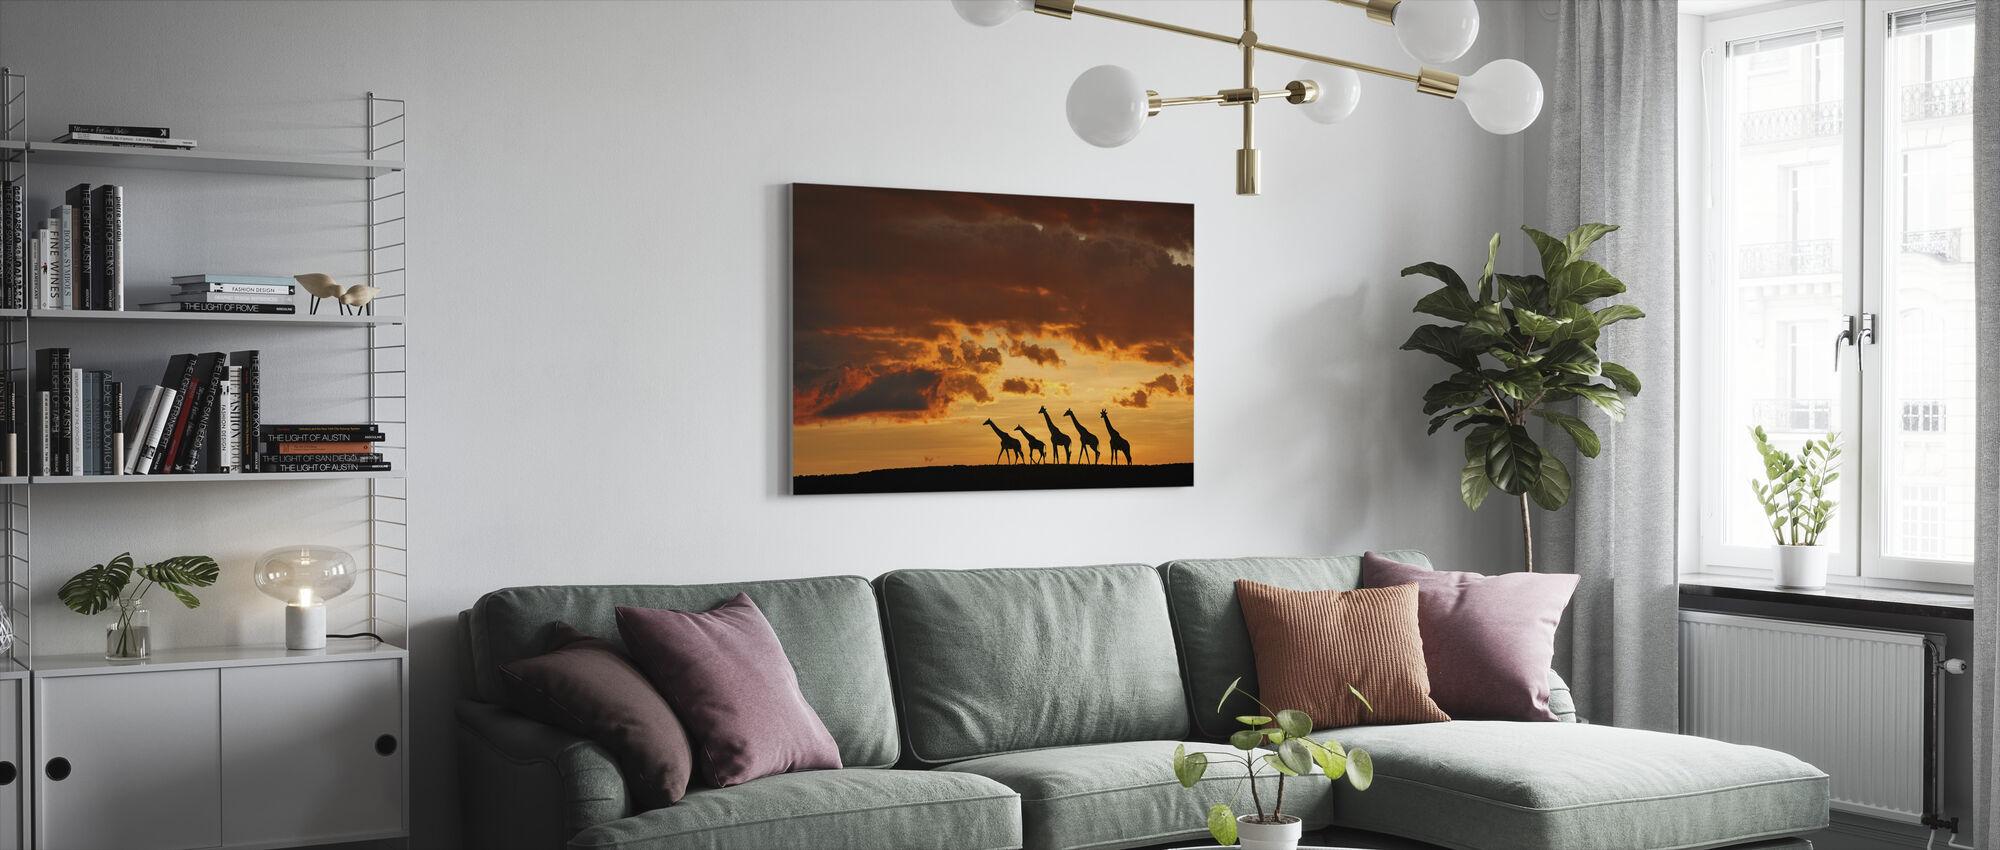 Fem giraff - Canvastavla - Vardagsrum